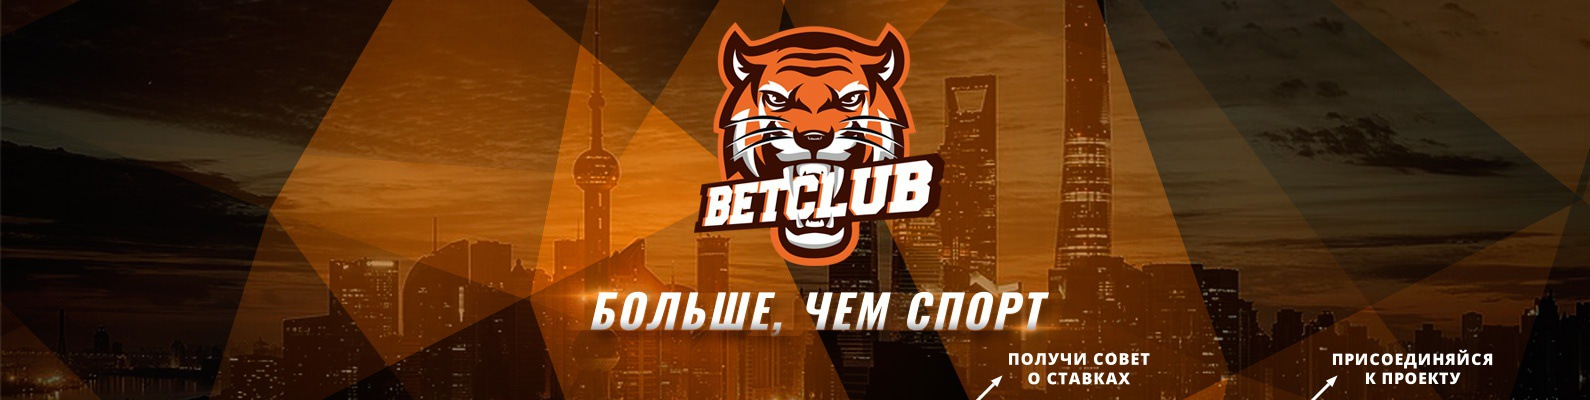 Betclub ставки на спорт